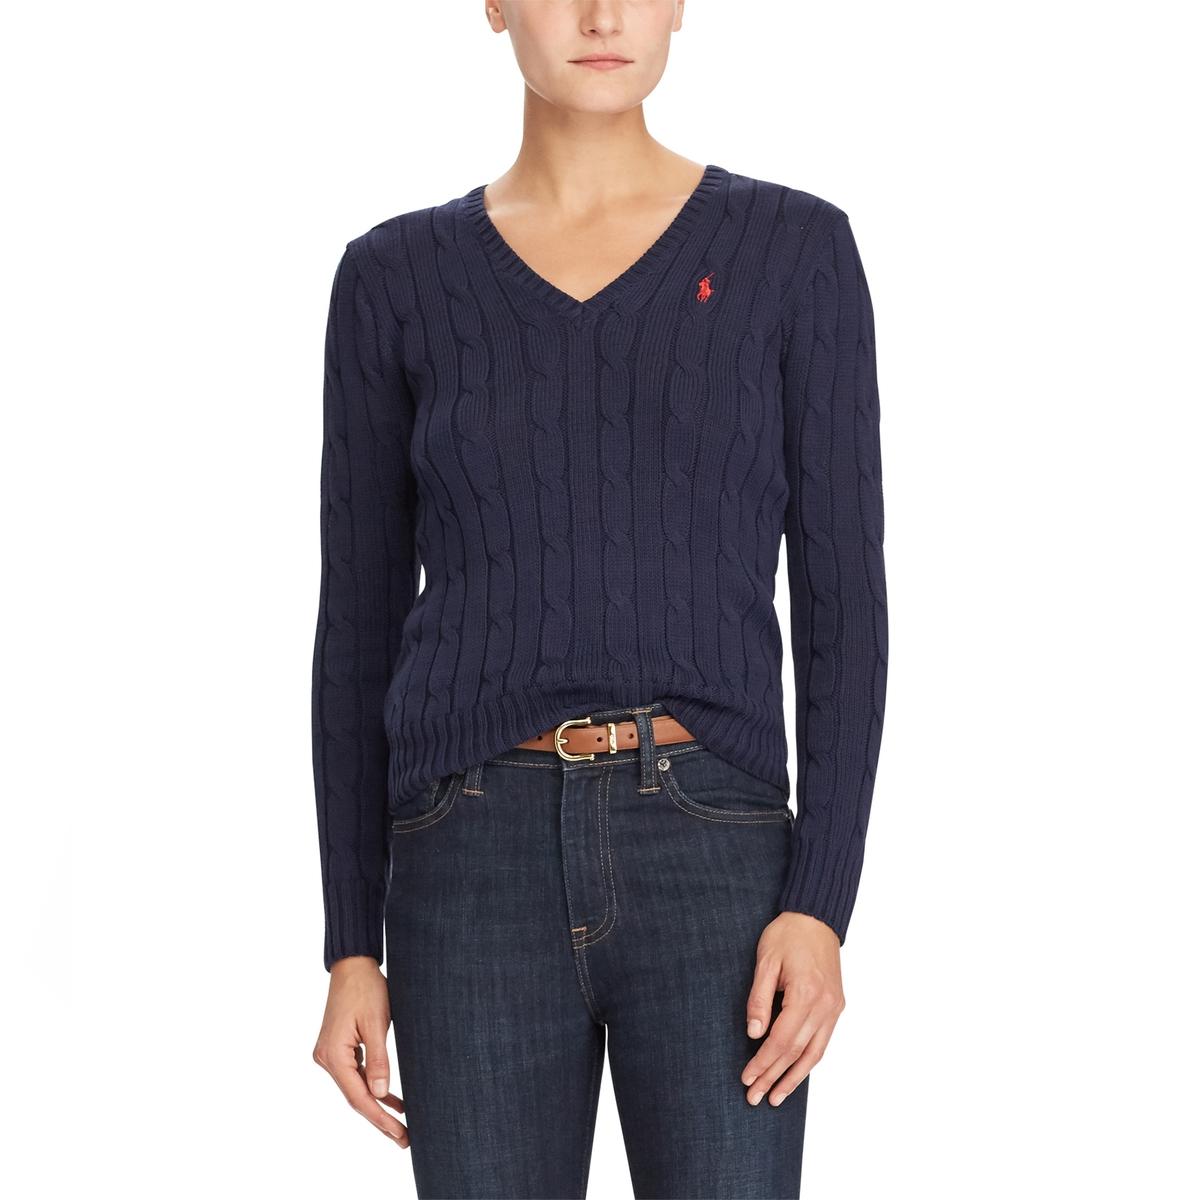 цена Пуловер La Redoute С V-образным вырезом из тонкого трикотажа XS синий онлайн в 2017 году